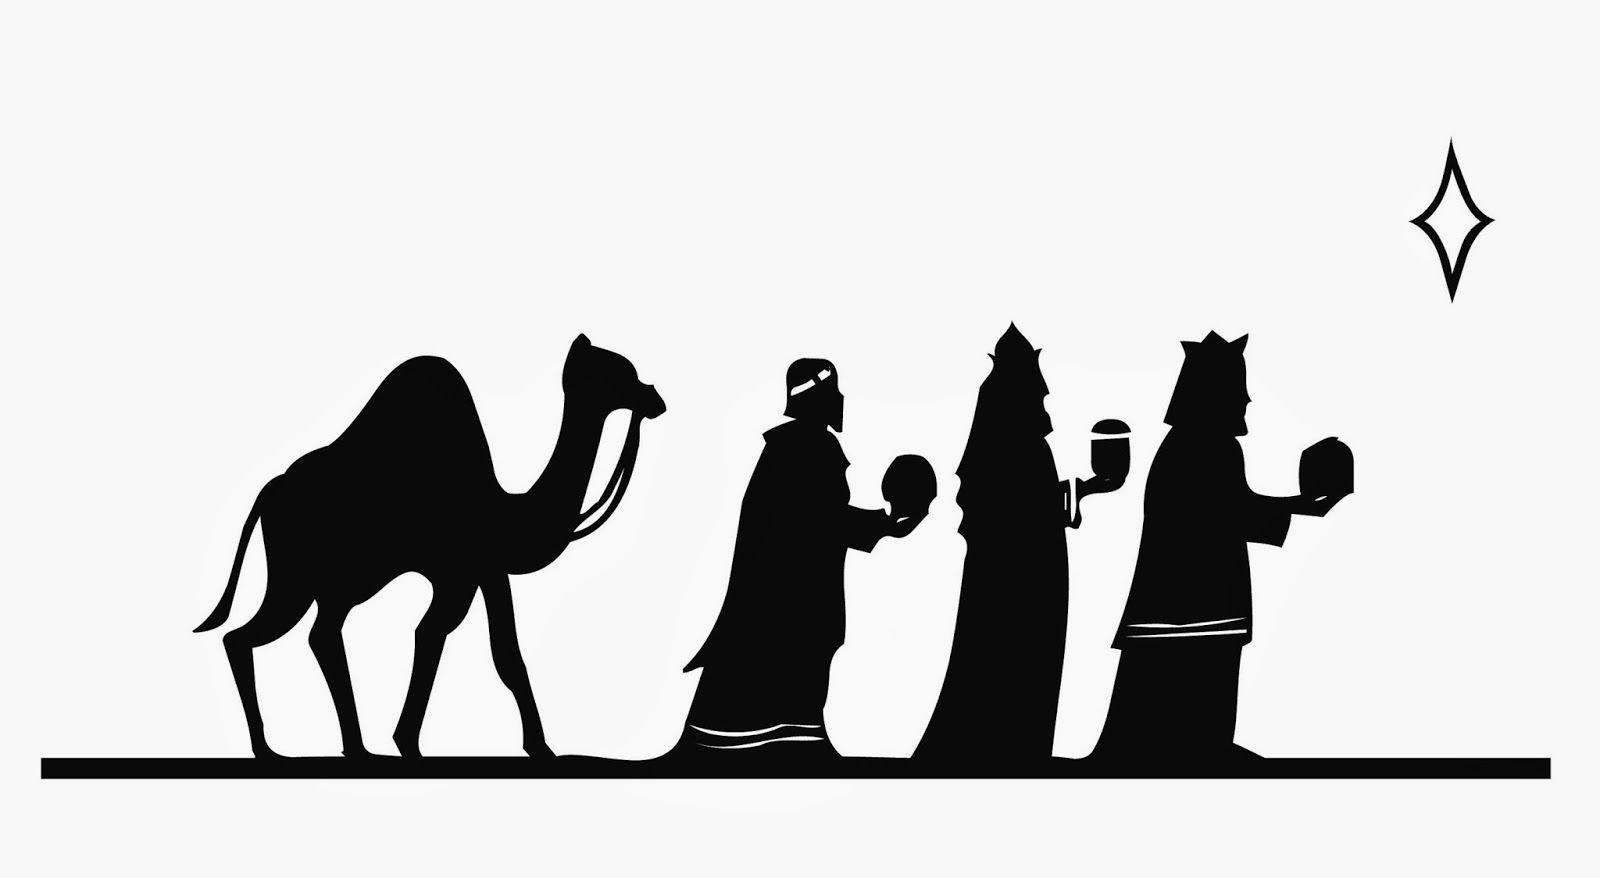 1600x878 Silueta De Reyes Magos Para Pintar En Cojines O Manteles. Nadal